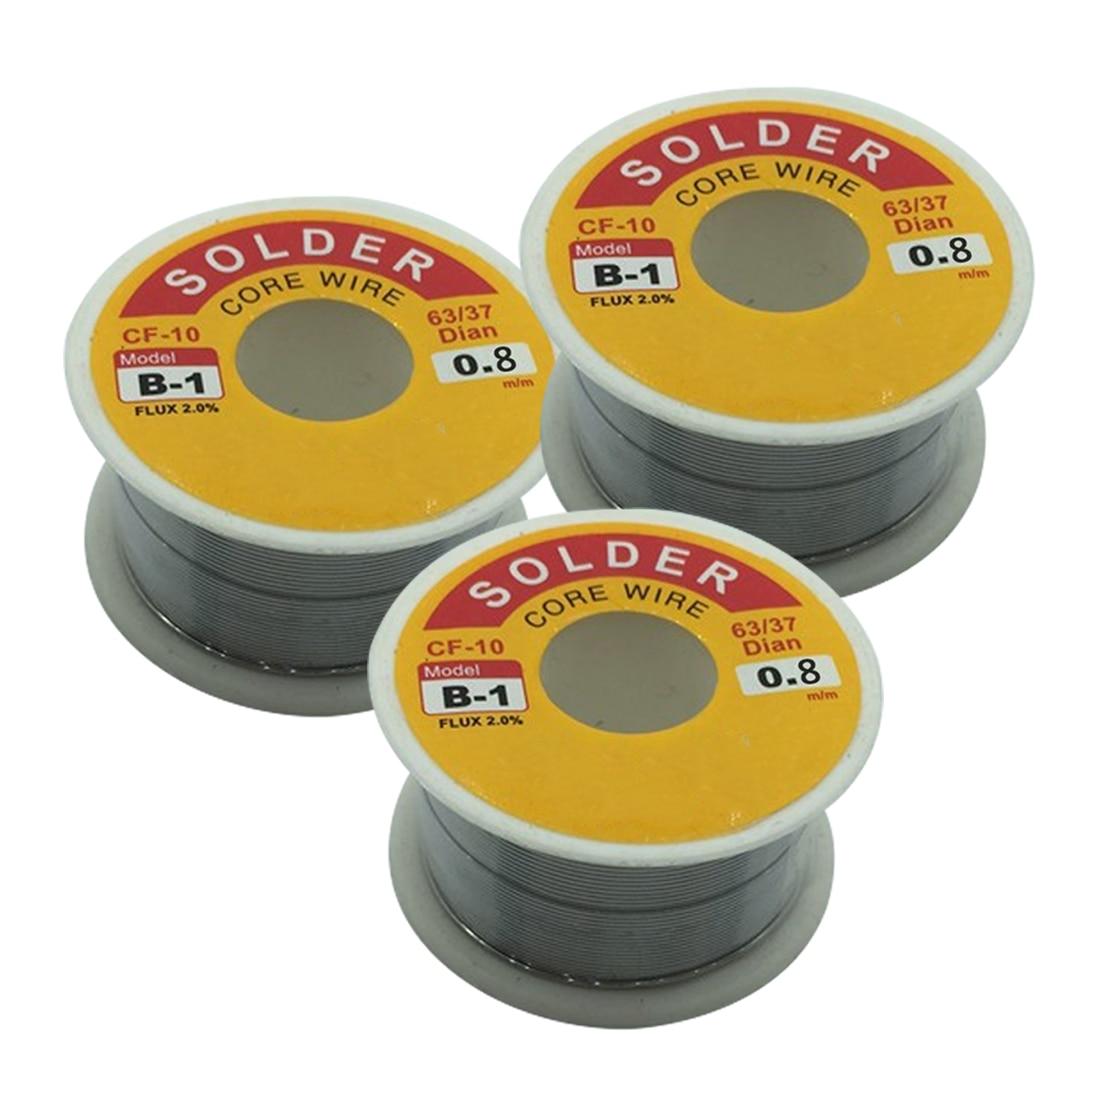 Top 0.8mm 50g Rosin Core Solder 63/37 Tin Lead Flux Soldering For Welder Iron Wire Reel Soldering Iron Wires Welding